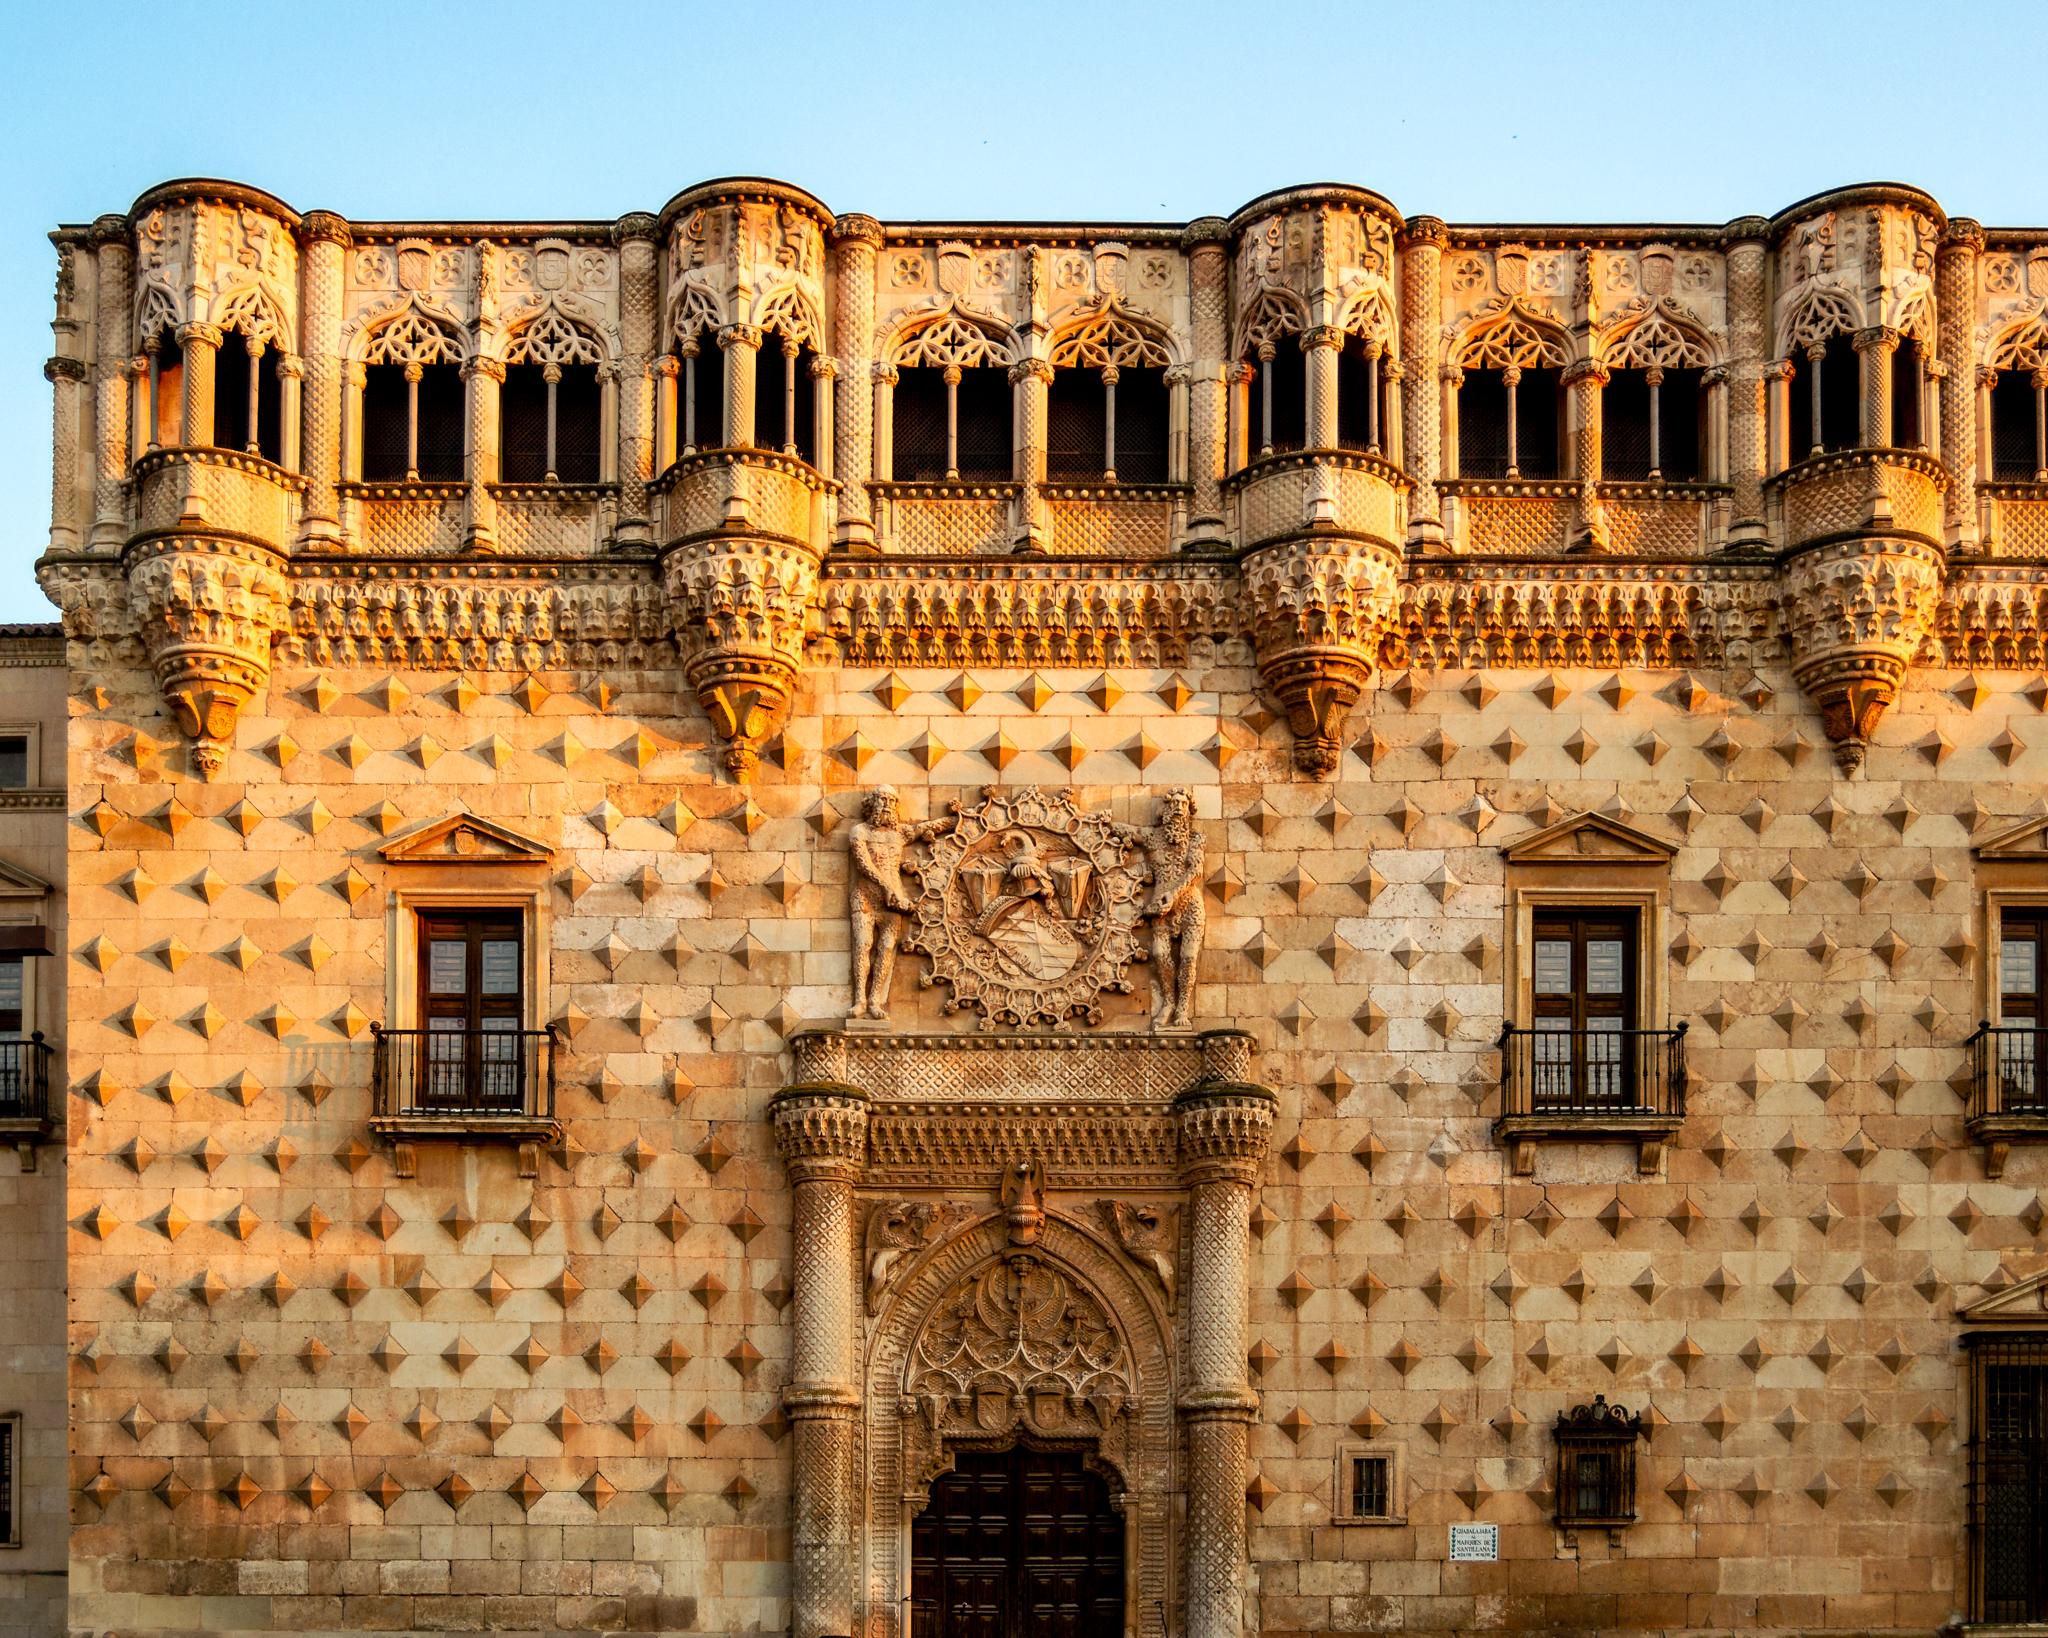 Palacio del Infantado, Spain